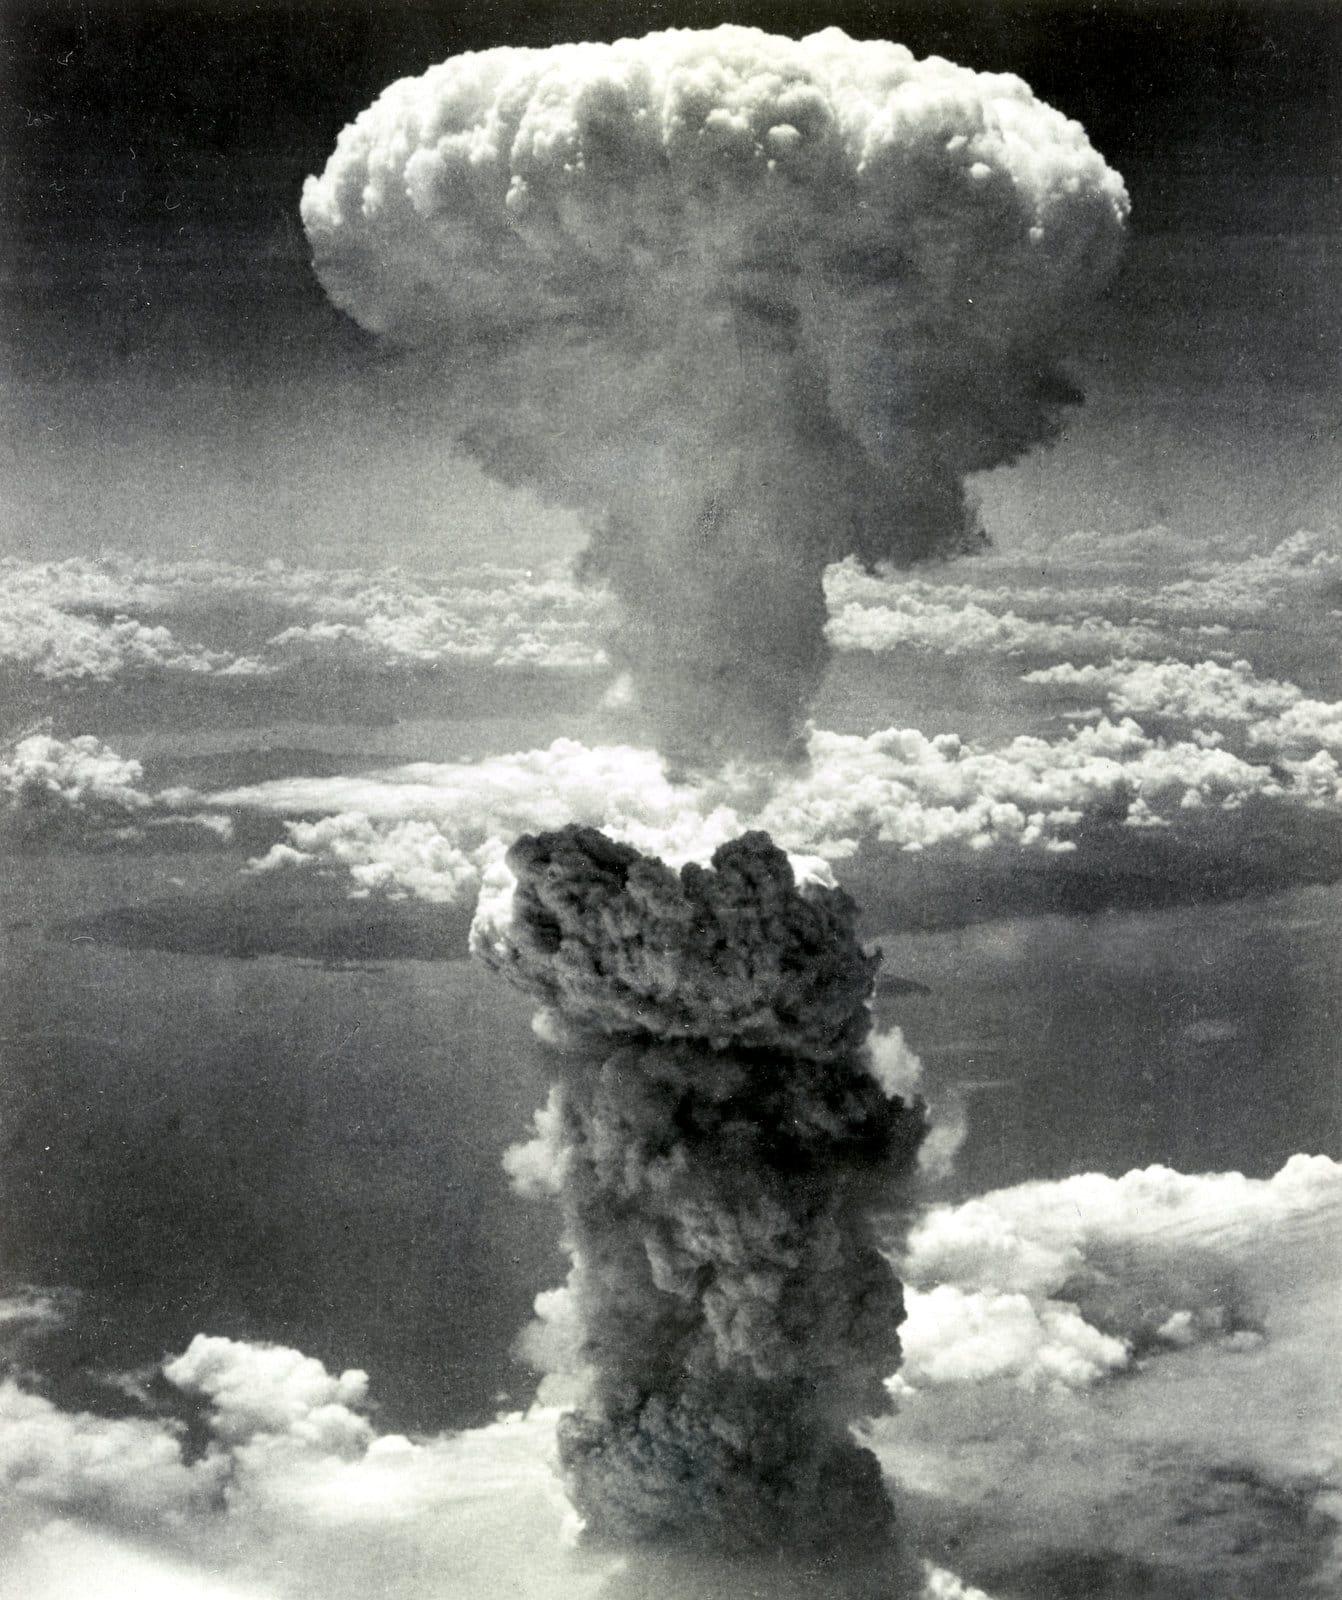 Atomic bombing of Nagasaki, Japan (1945)